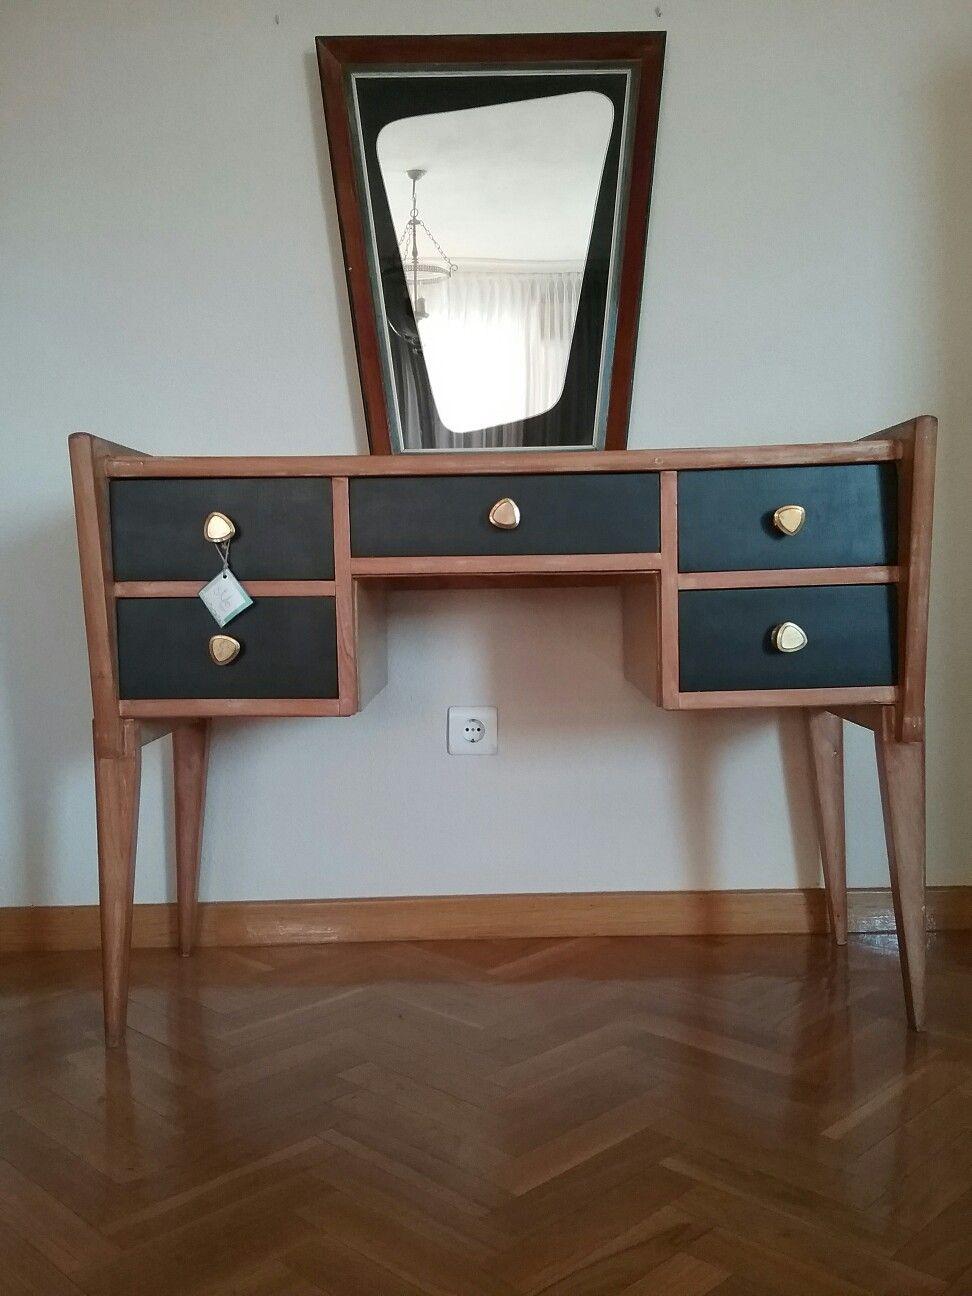 mueble tocador vintage españa circa años 50 diseño nórdico style ... - Muebles Diseno Nordico